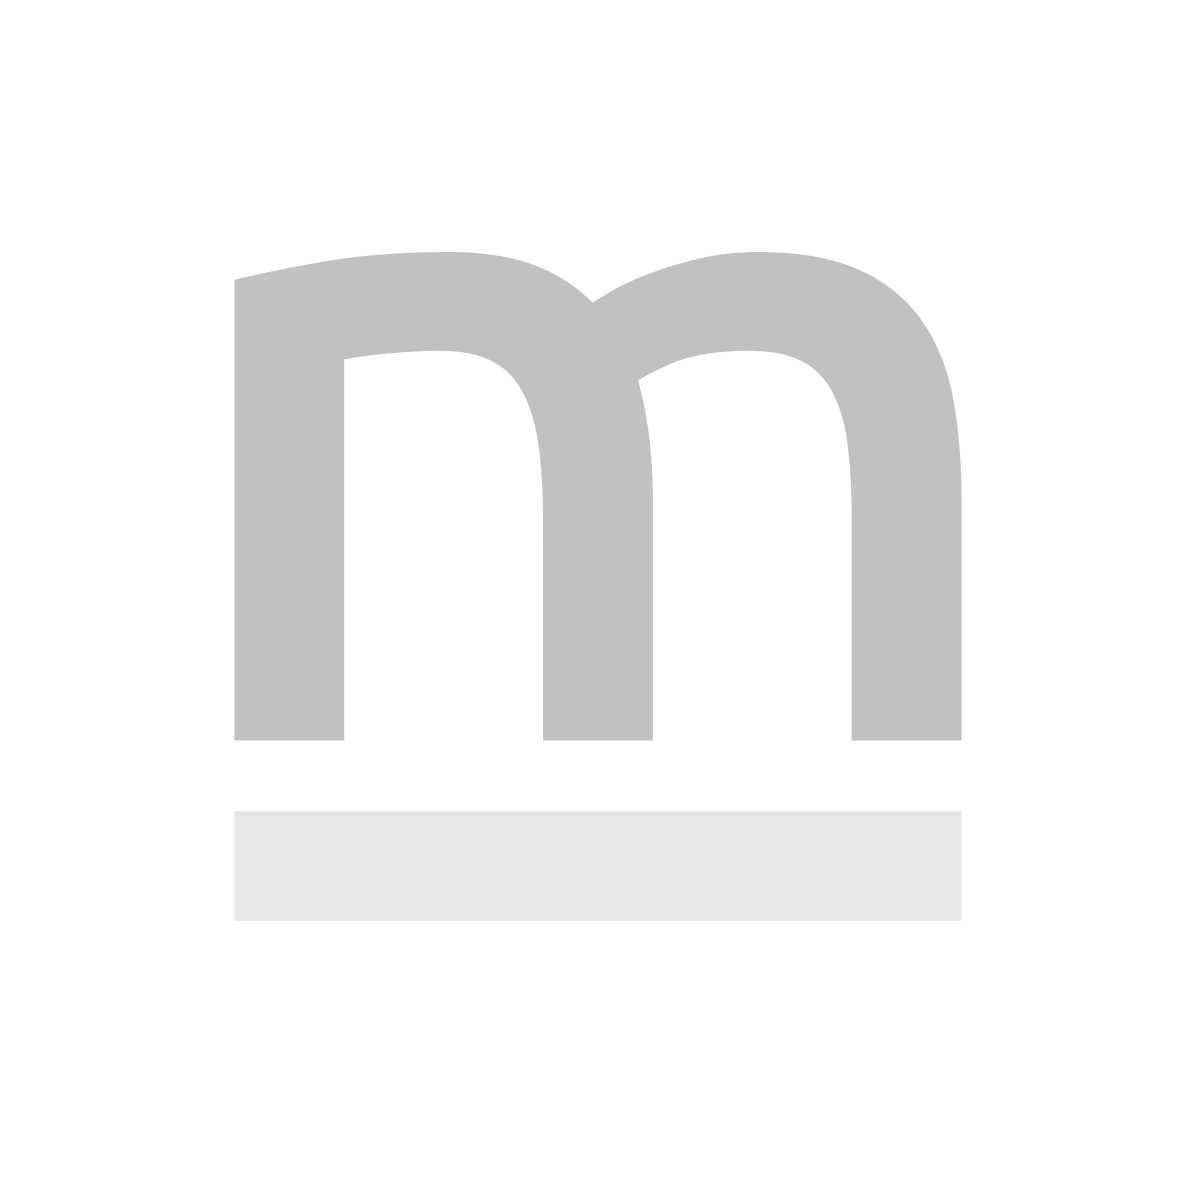 Krzesło ogrodowe drewniane AGUA kremowe